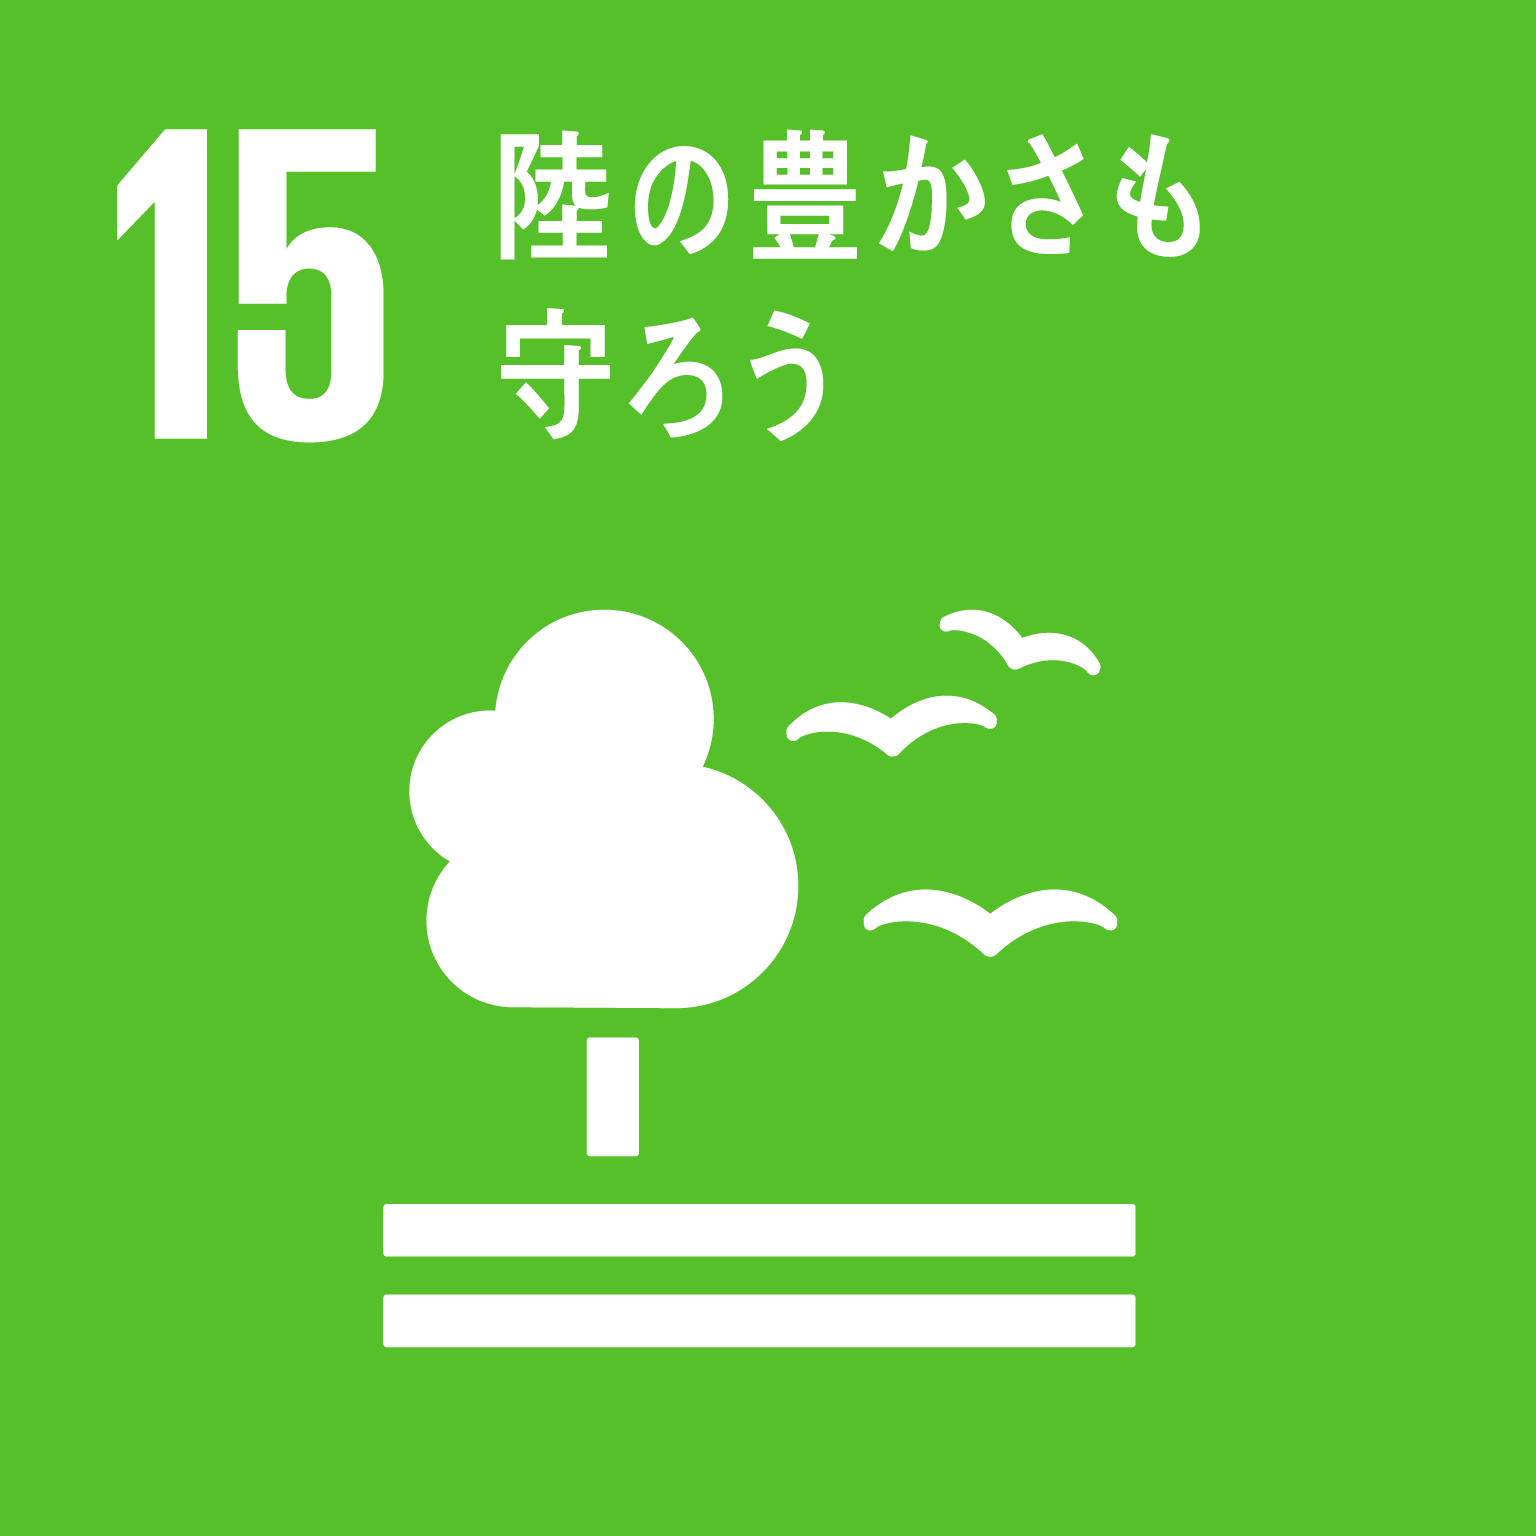 SDGs 森林 砂漠化